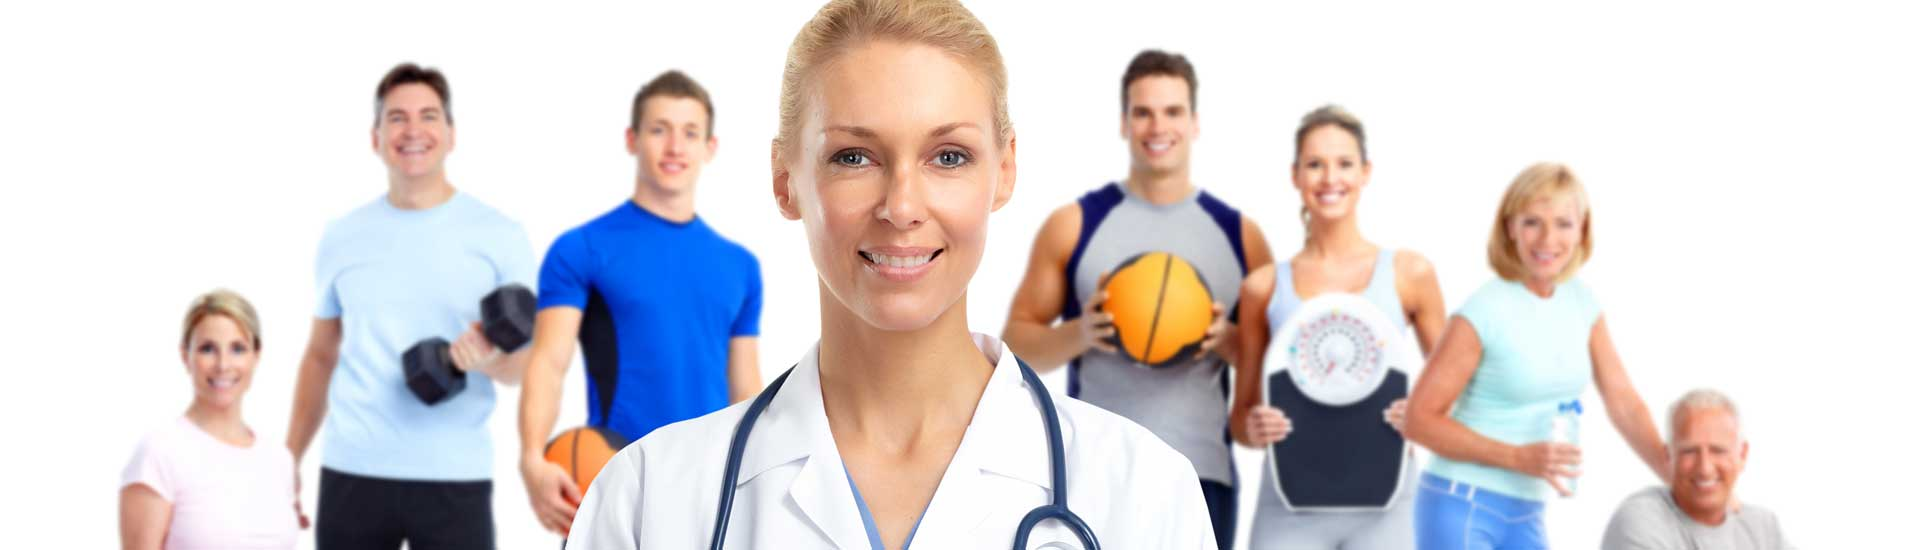 Nazorg fysiotherapie